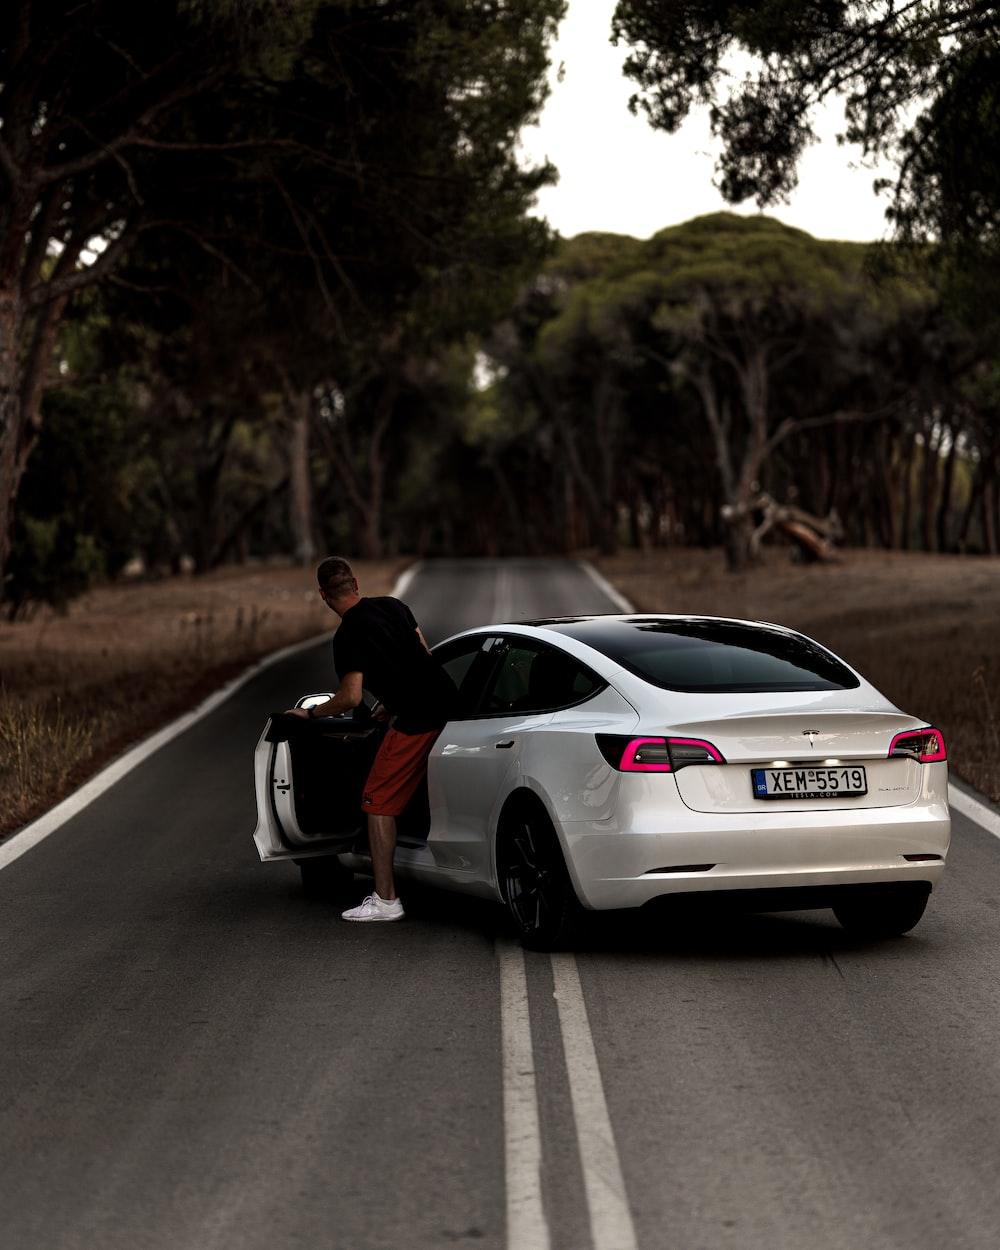 man in black t-shirt sitting on white sedan on road during daytime